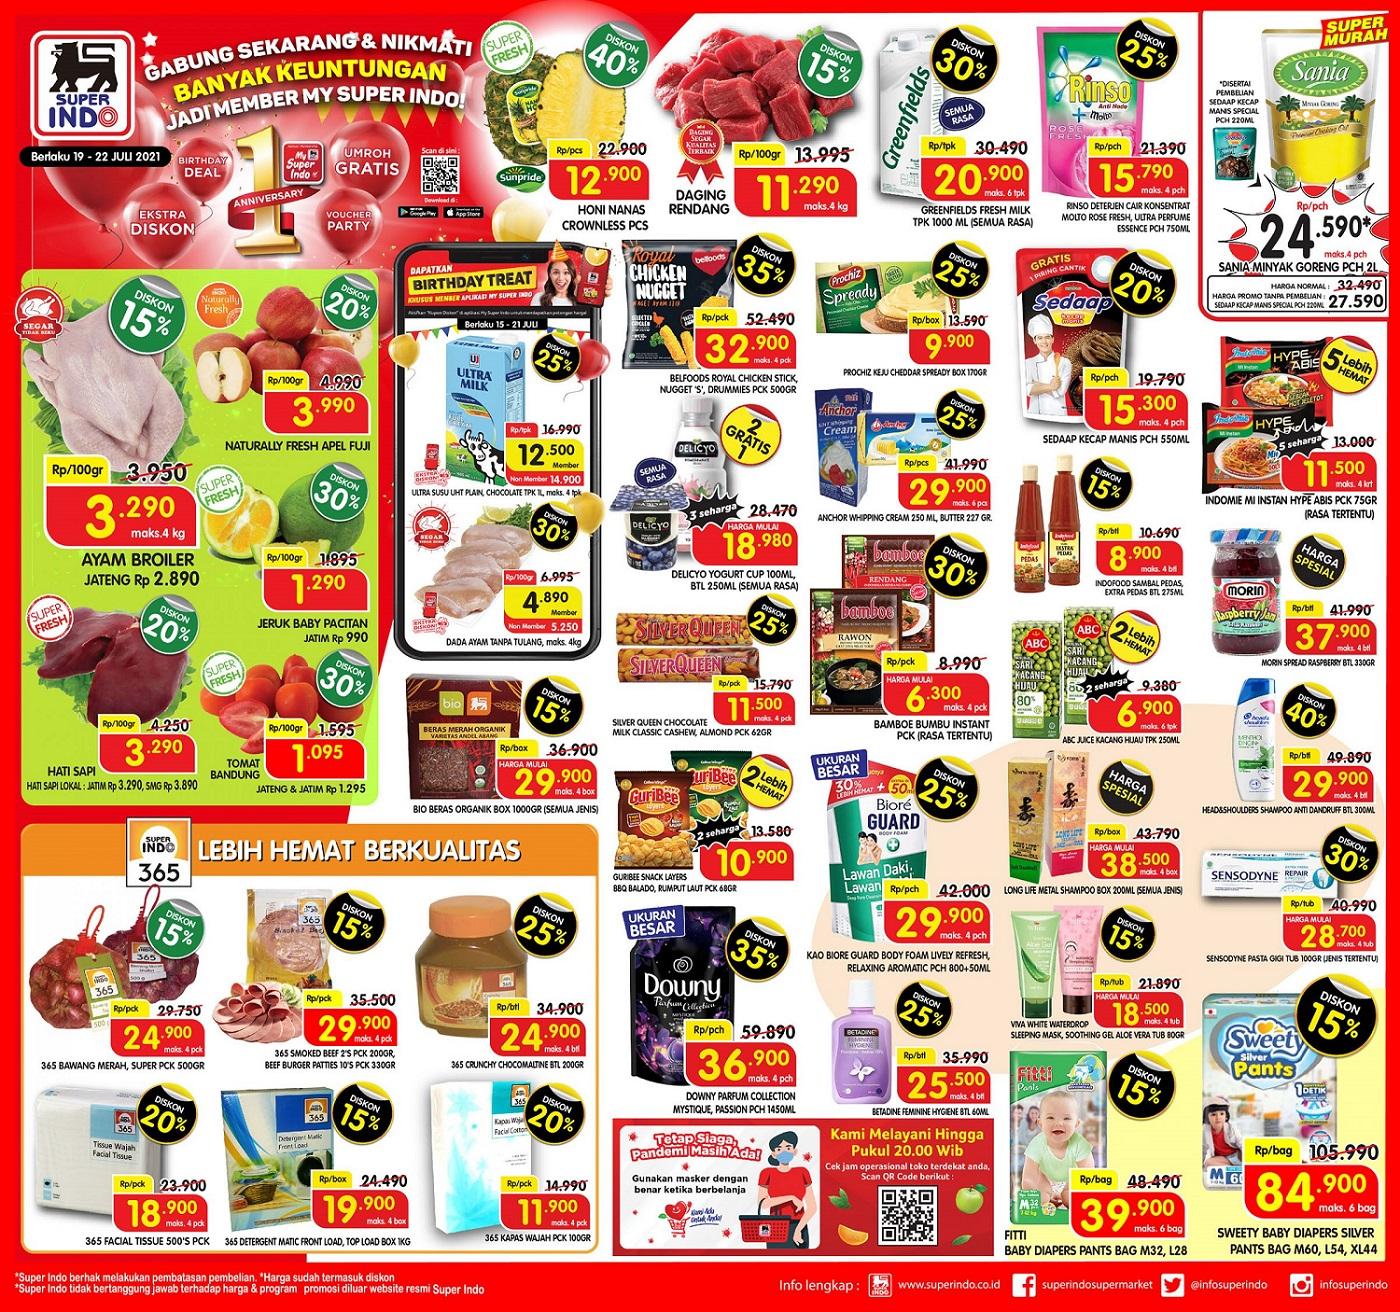 Katalog Promo Superindo 19-22 Juli 2021